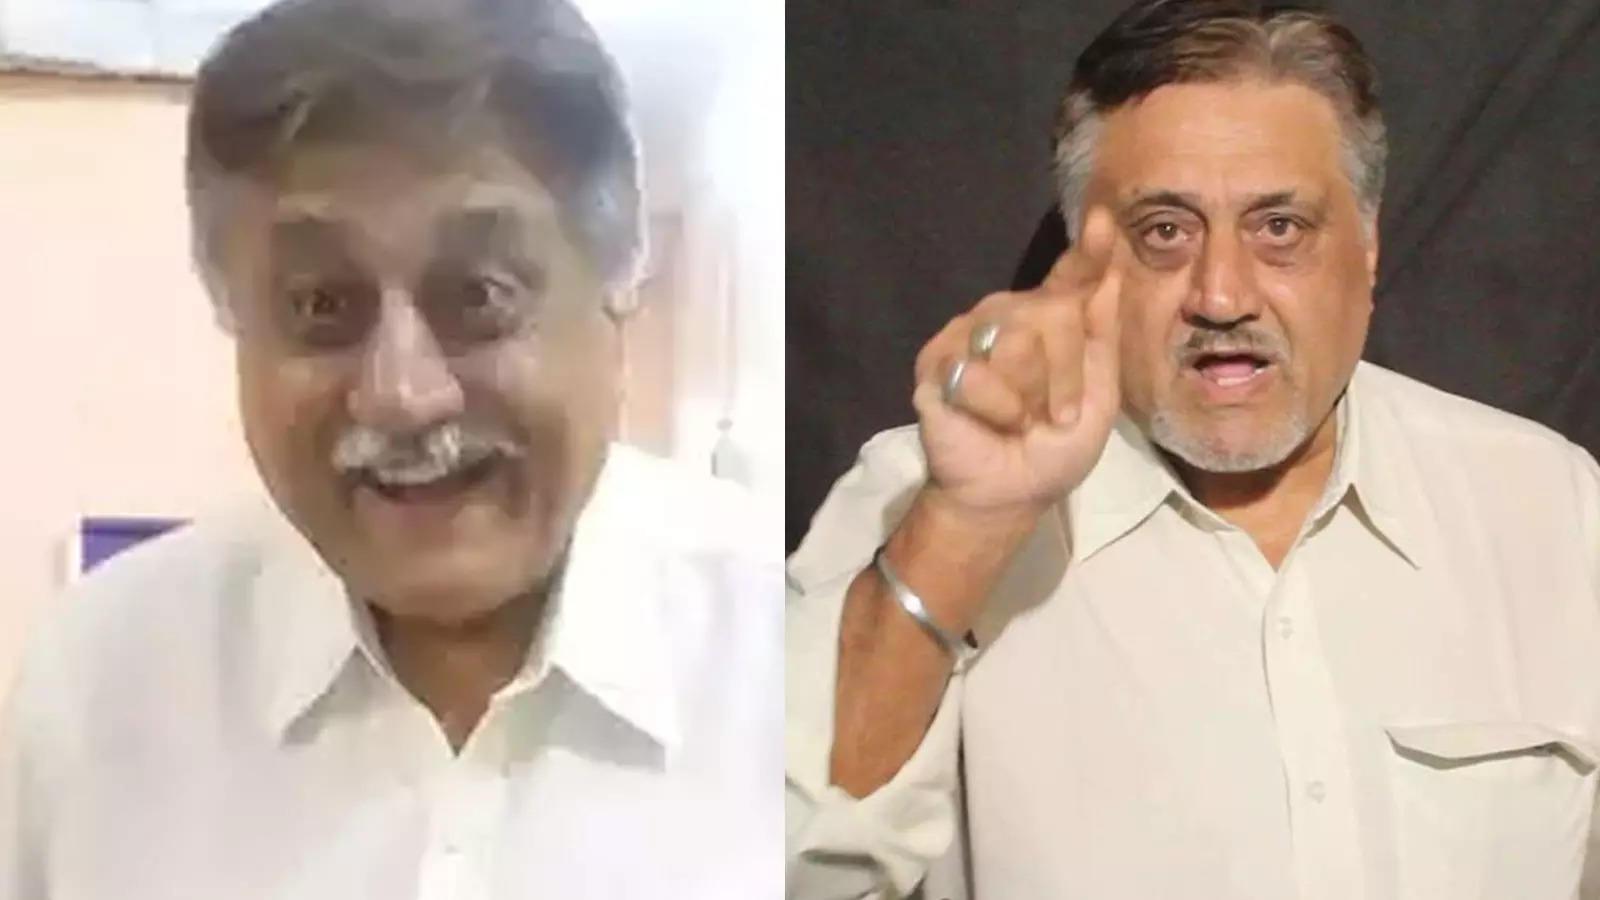 amitabh-bachchans-co-star-resham-arora-seeks-financial-help-says-i-fell-off-a-train-and-i-am-broke